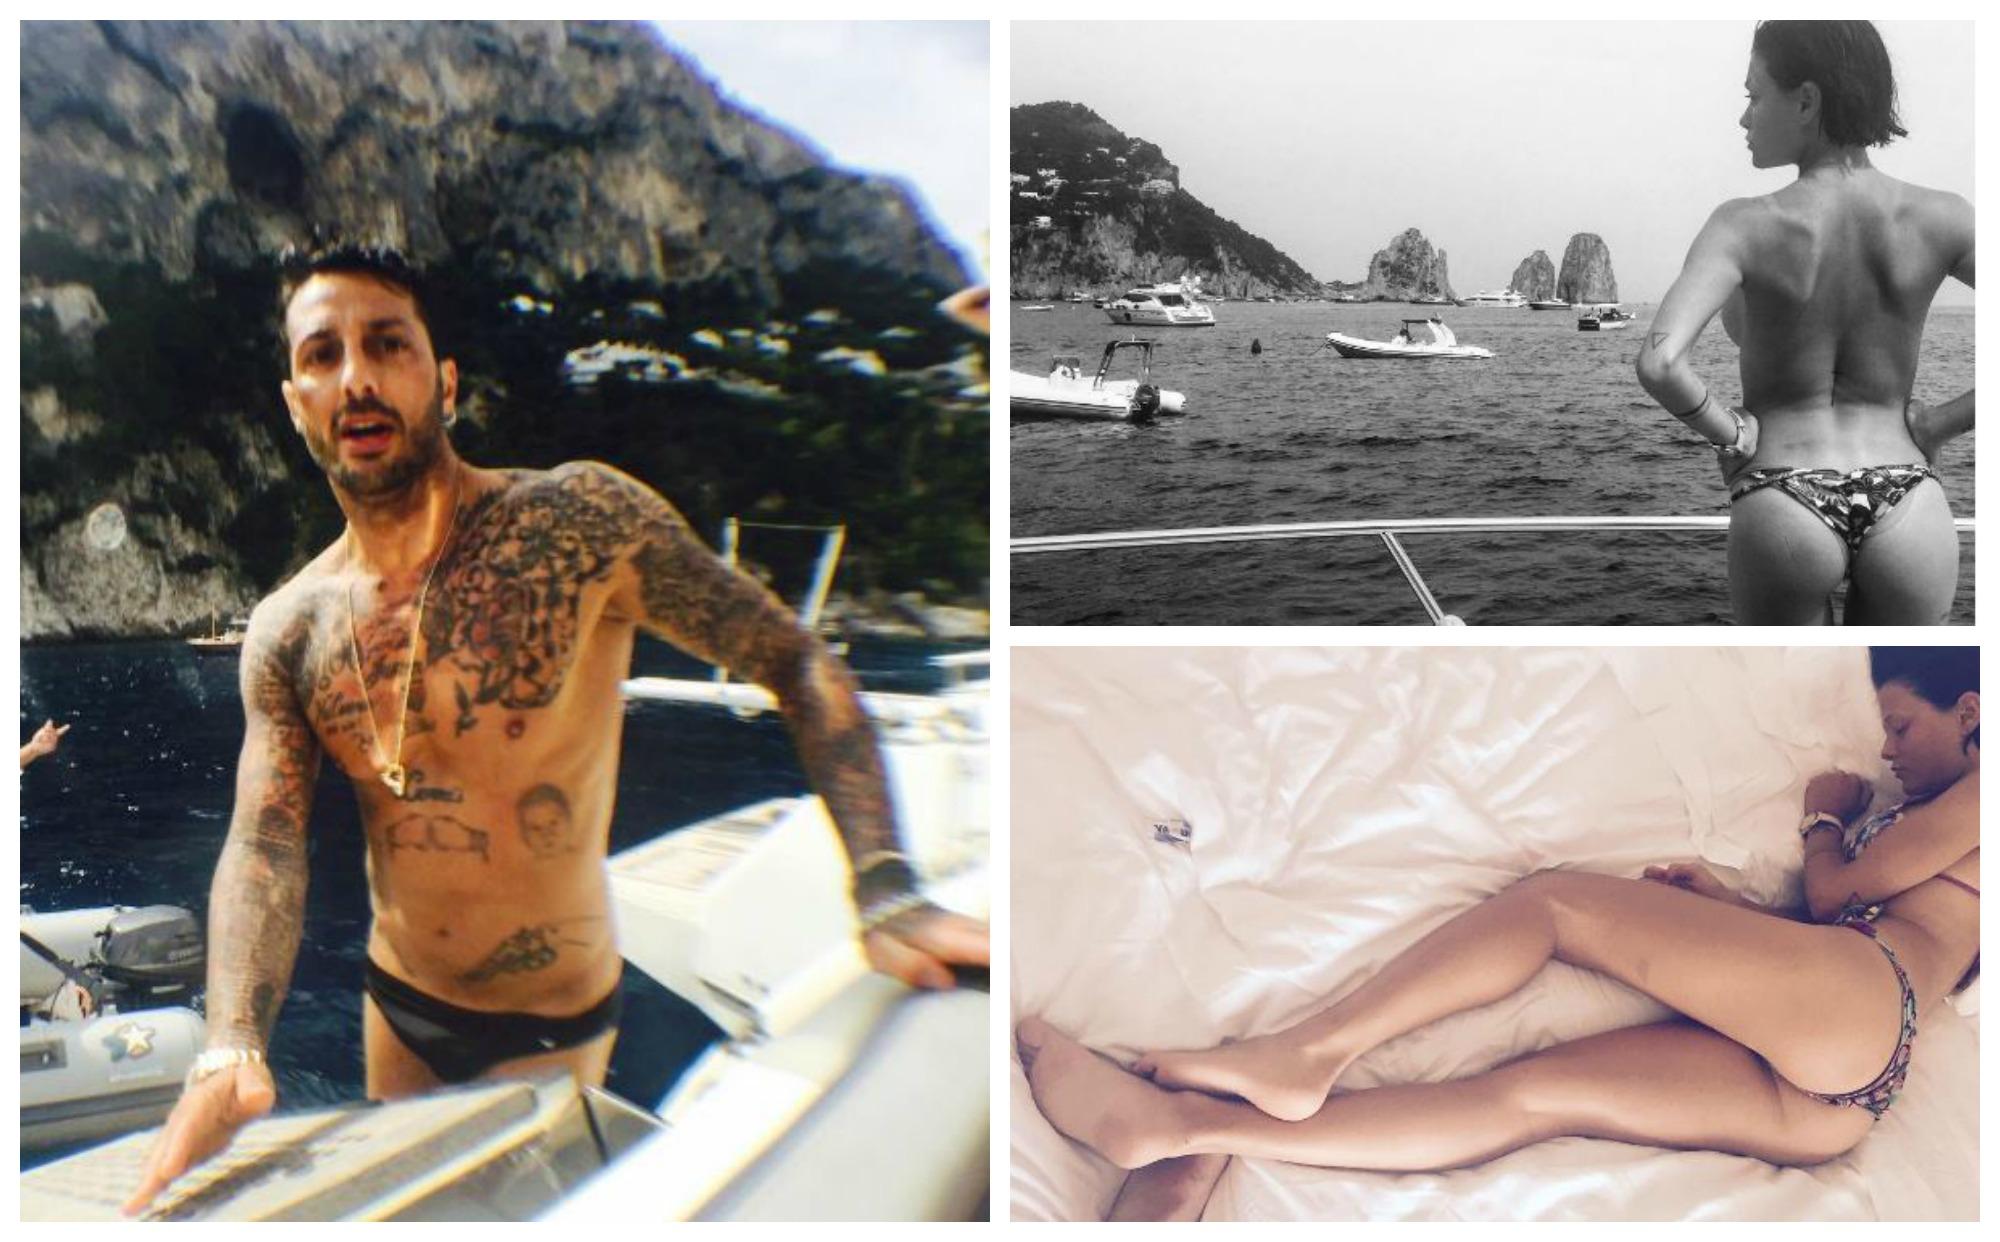 Fabrizio-Corona-e-Silvia-Provvedi-Foto-Instagram